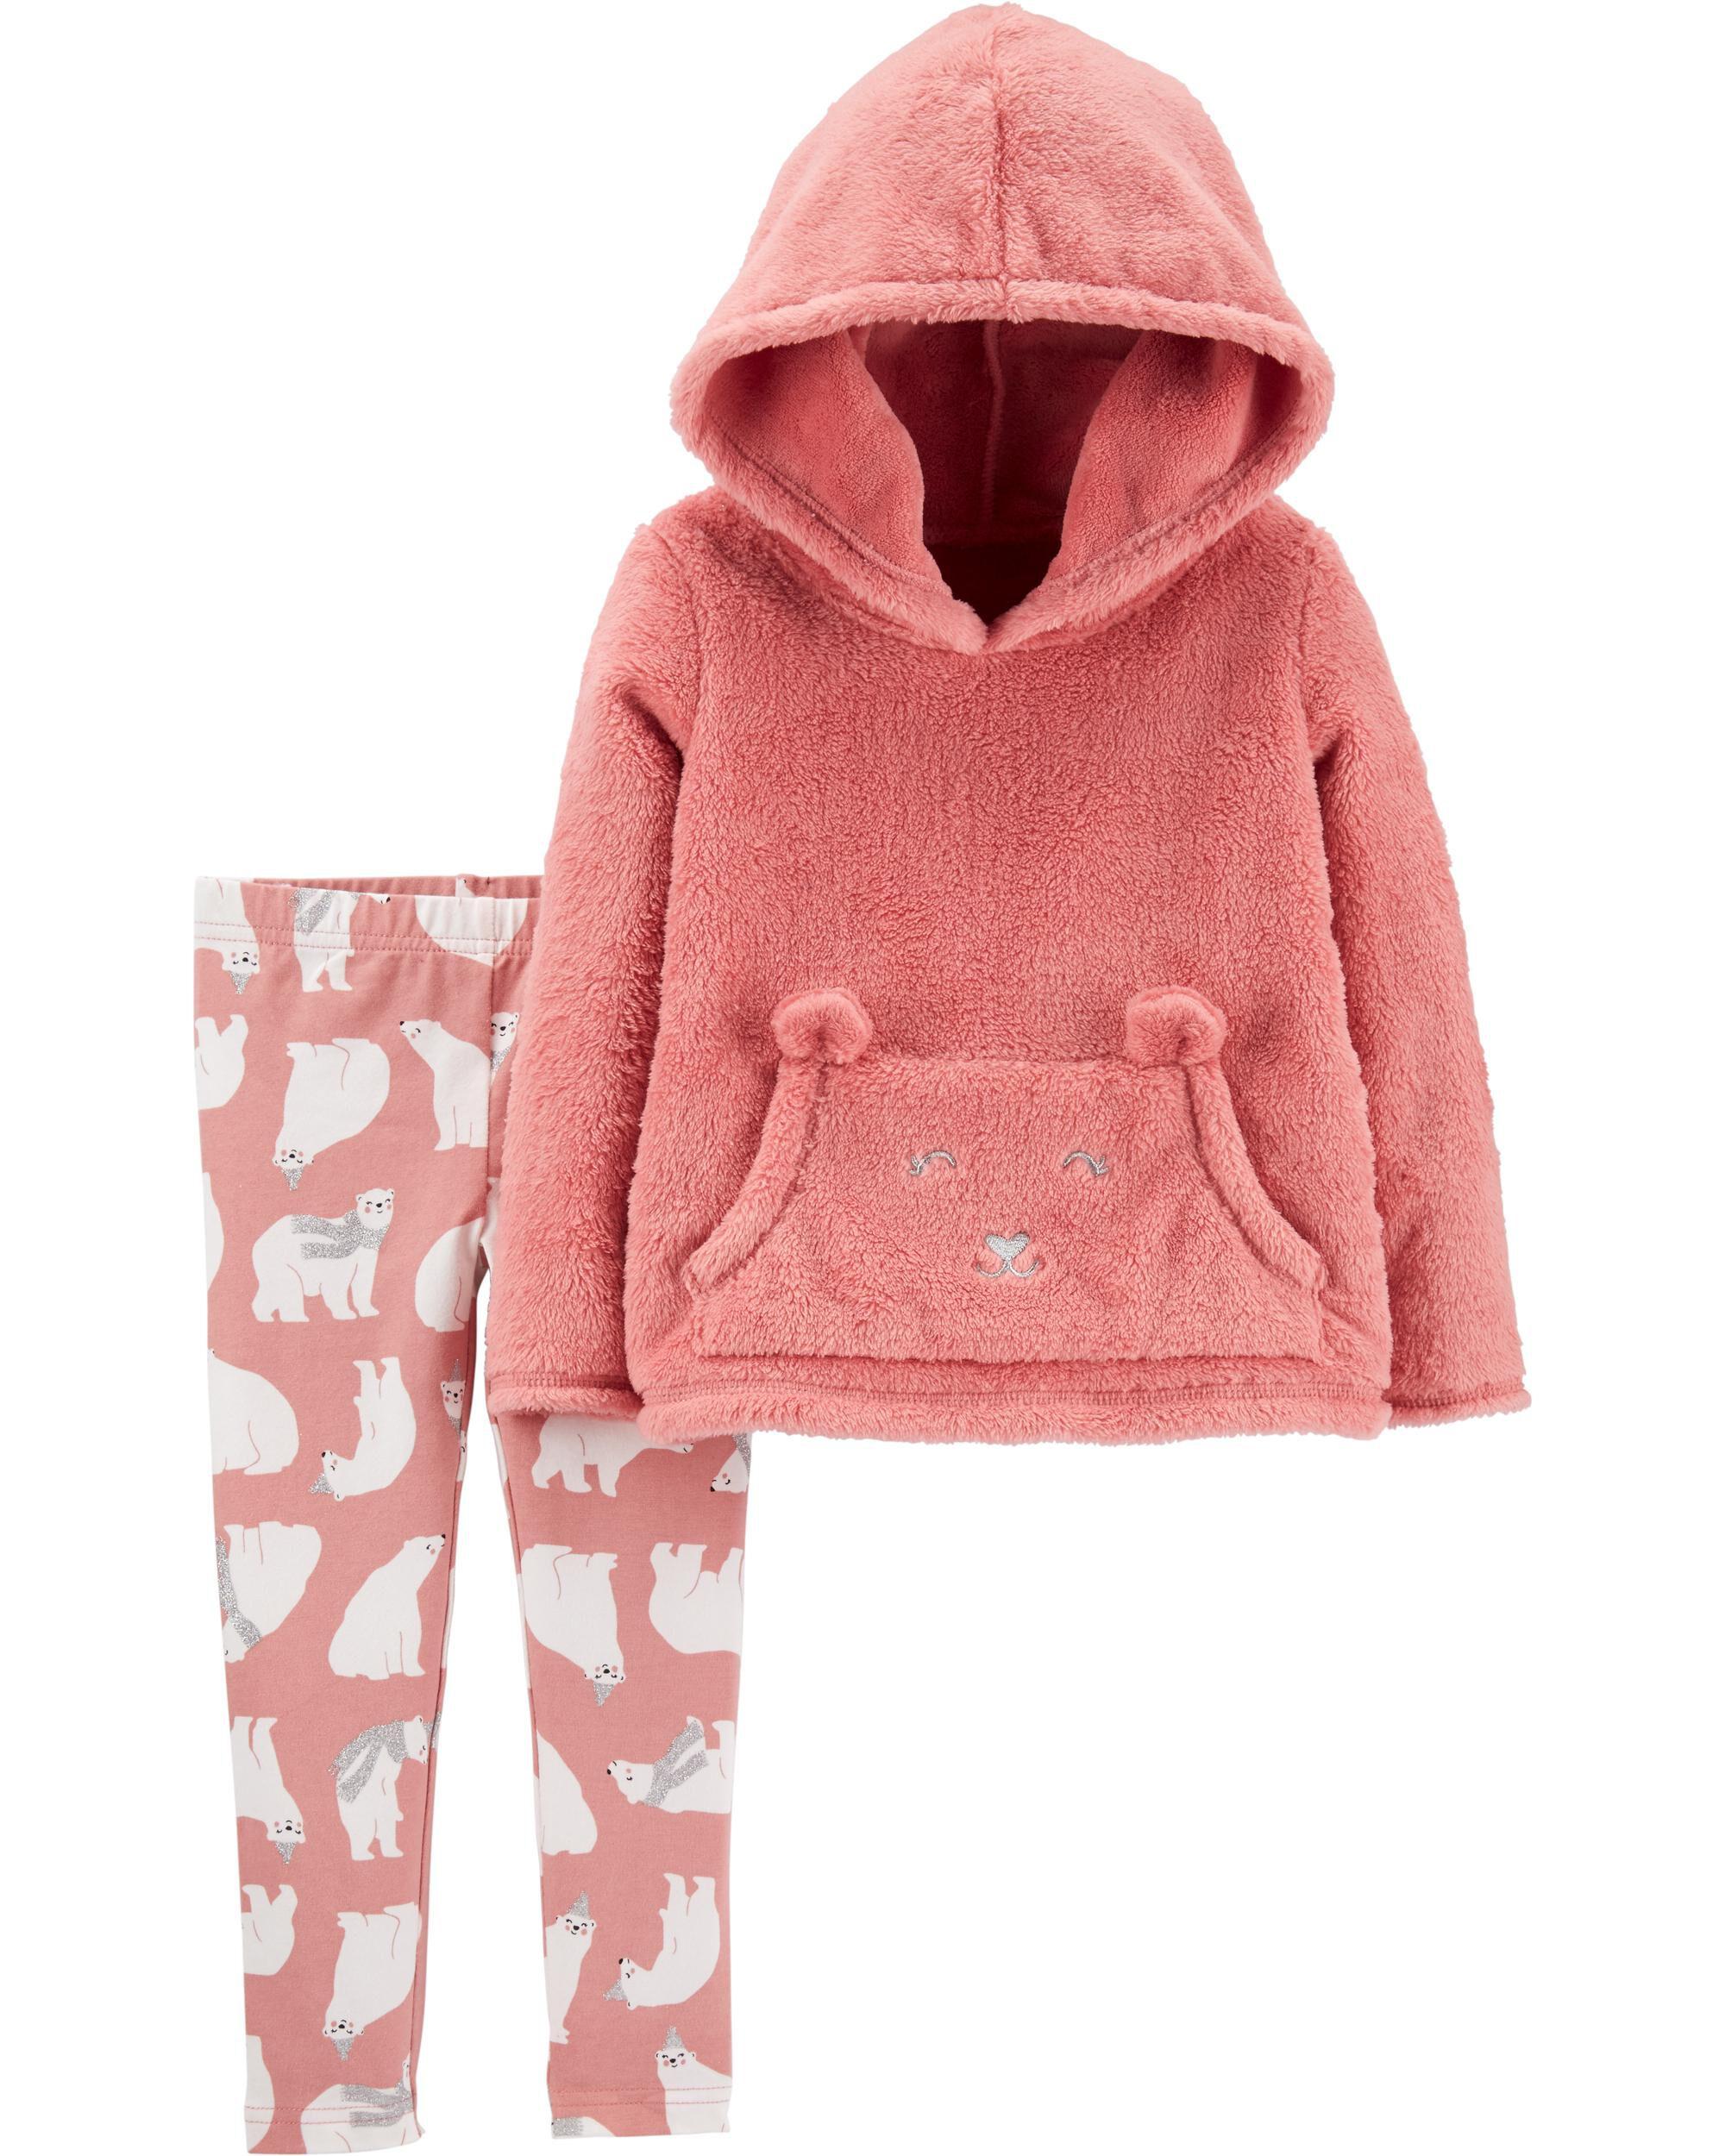 2-Piece Fuzzy Pullover & Polar Bear Legging Set